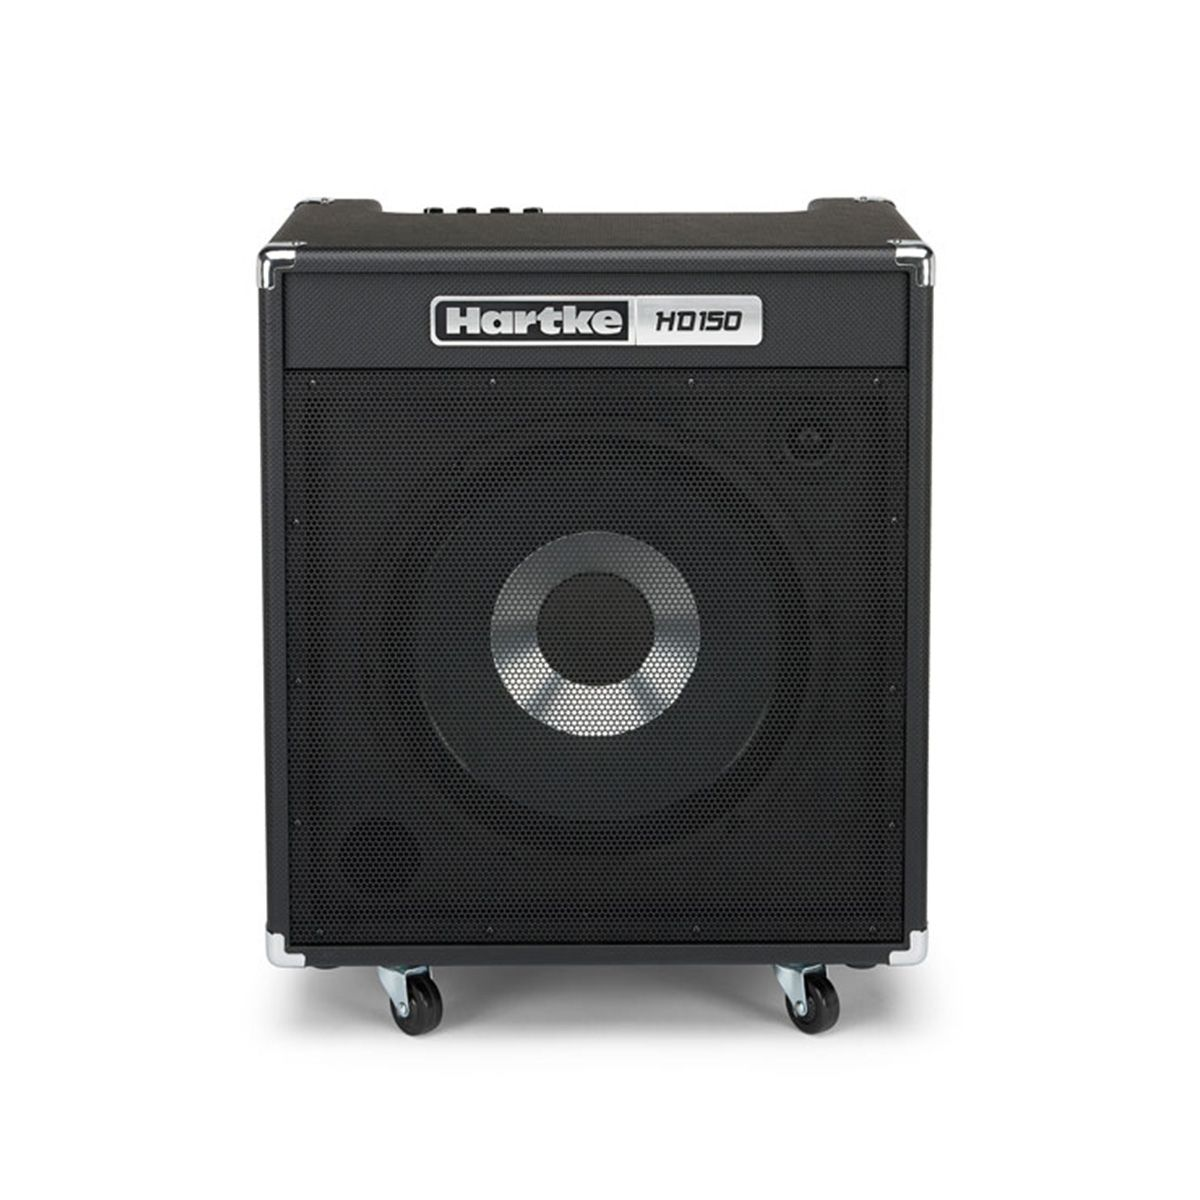 Amplificador ContraBaixo HD 150 Hartke